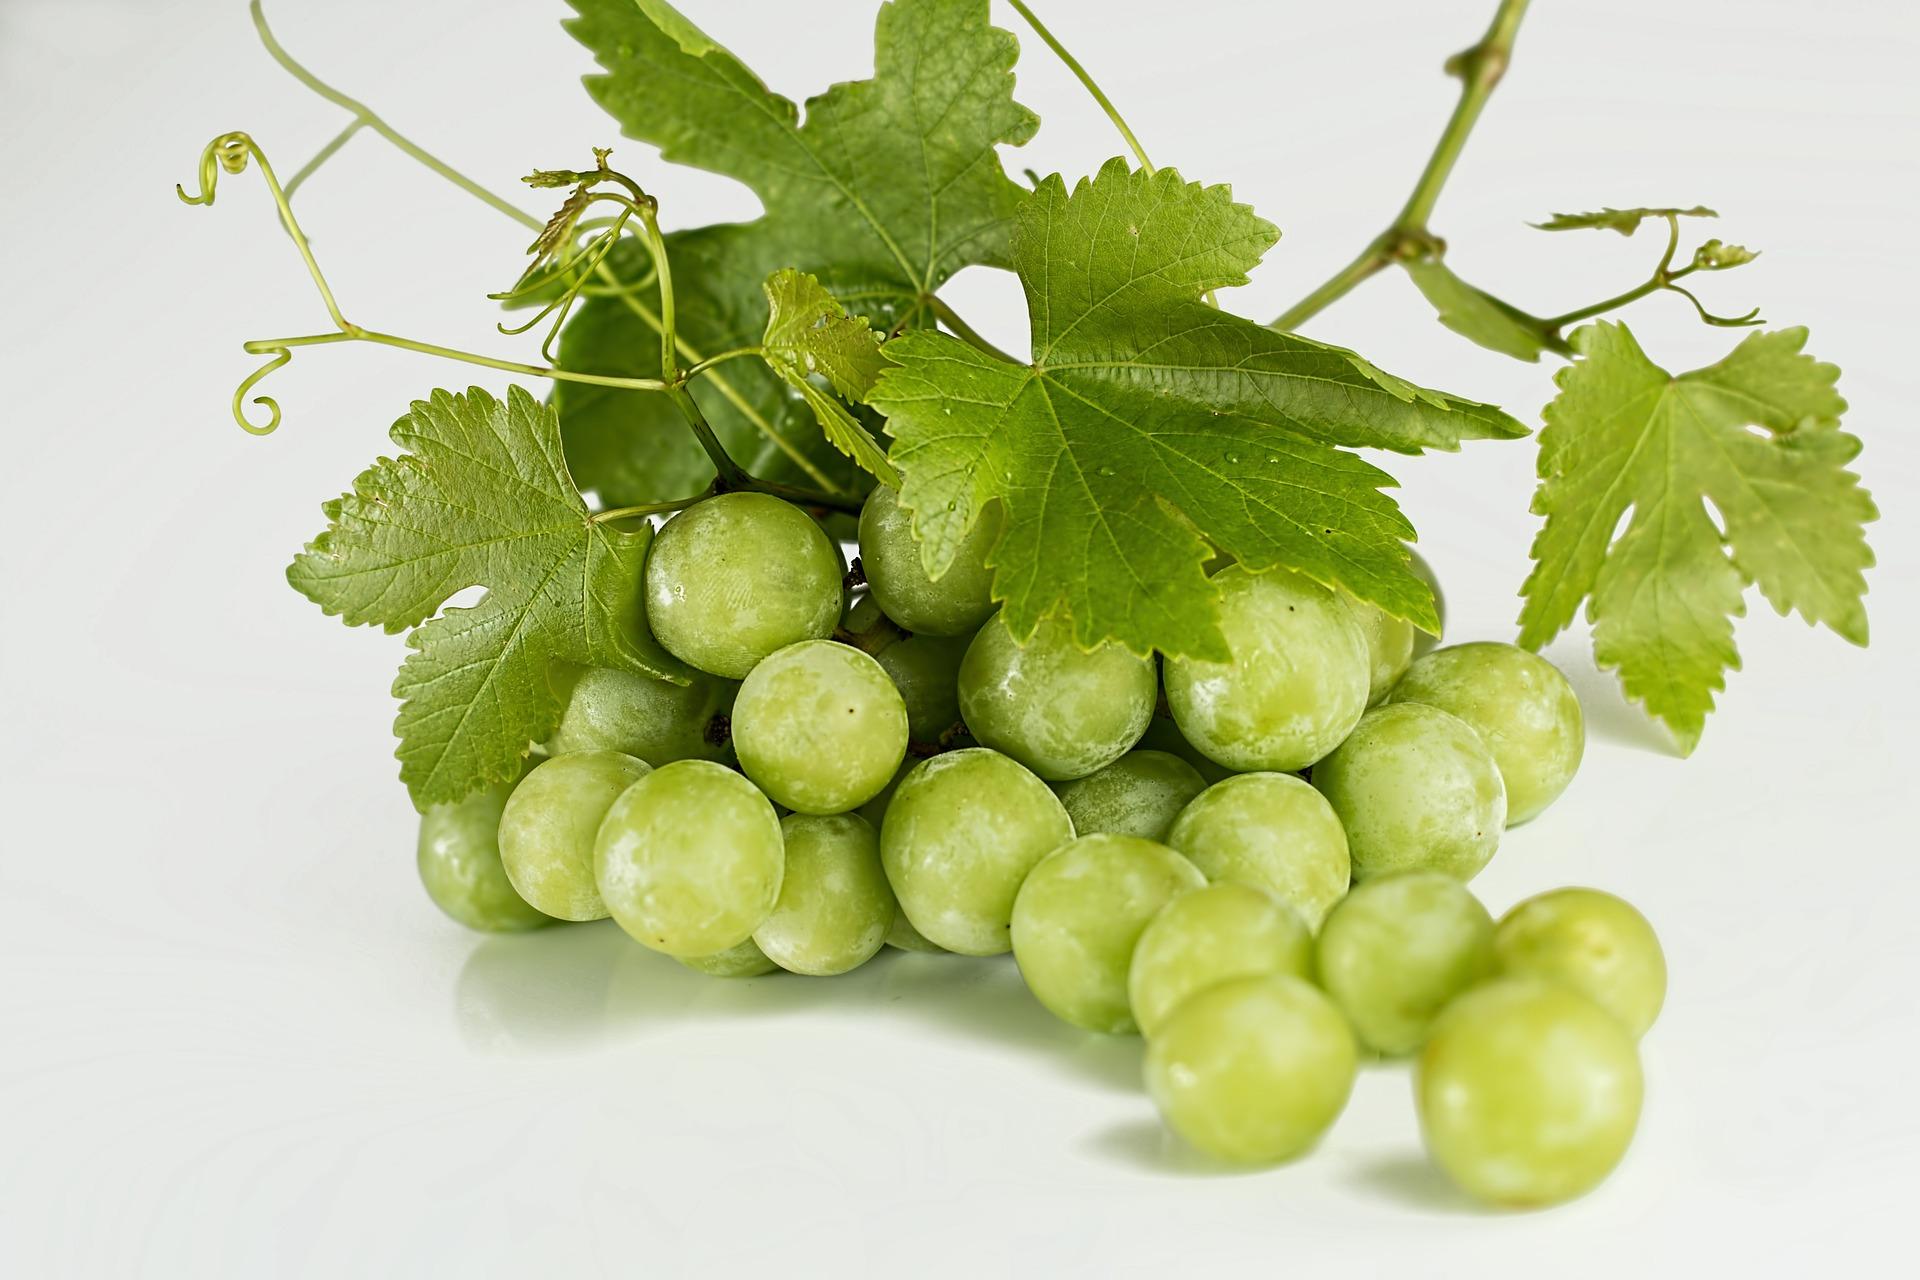 Les extraits pépin de raisins sont un trésor pour la santé.